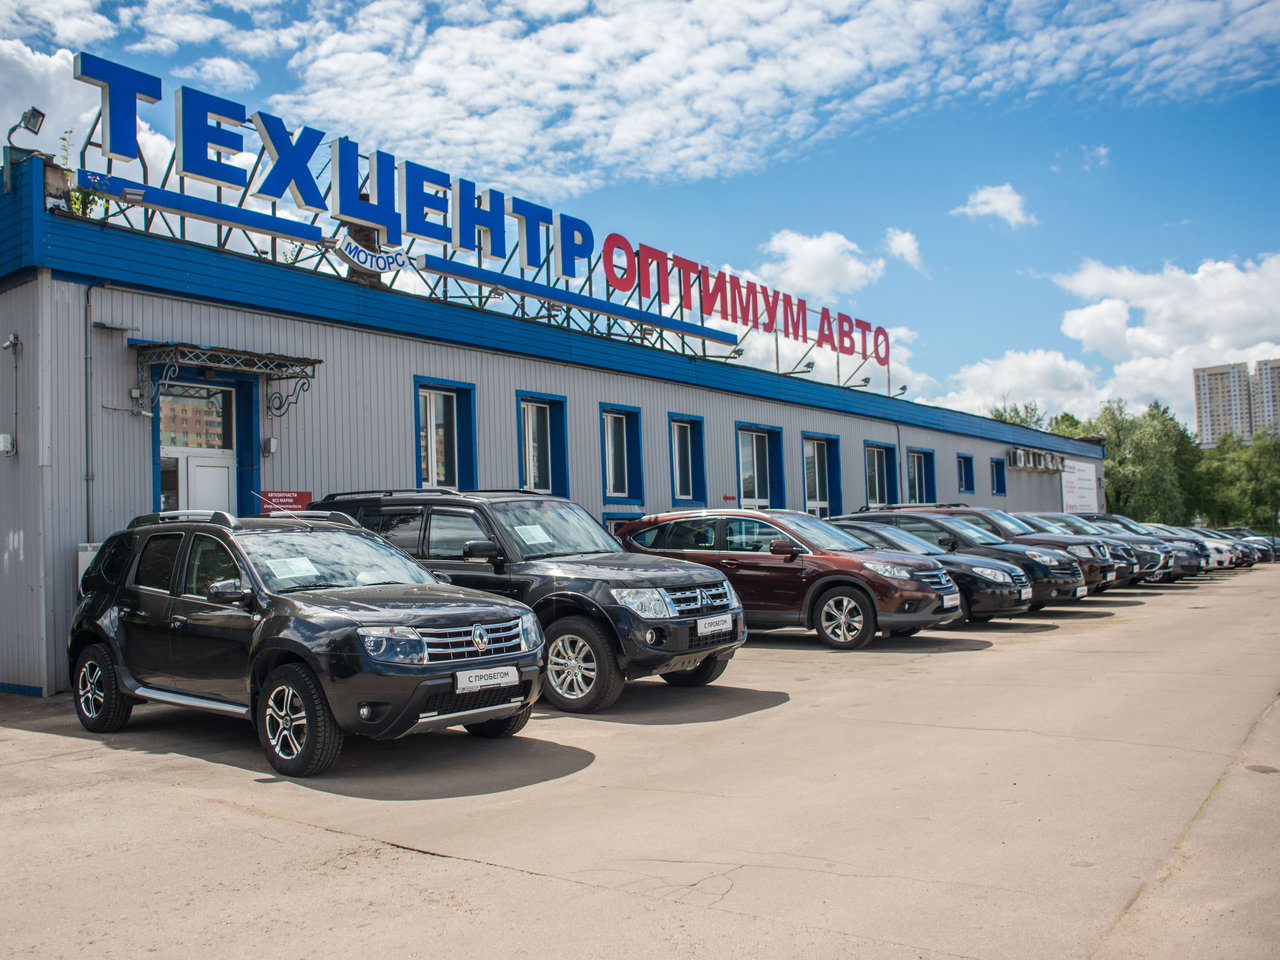 Автосалон продажа авто бу москва автосалоны москва б у авто